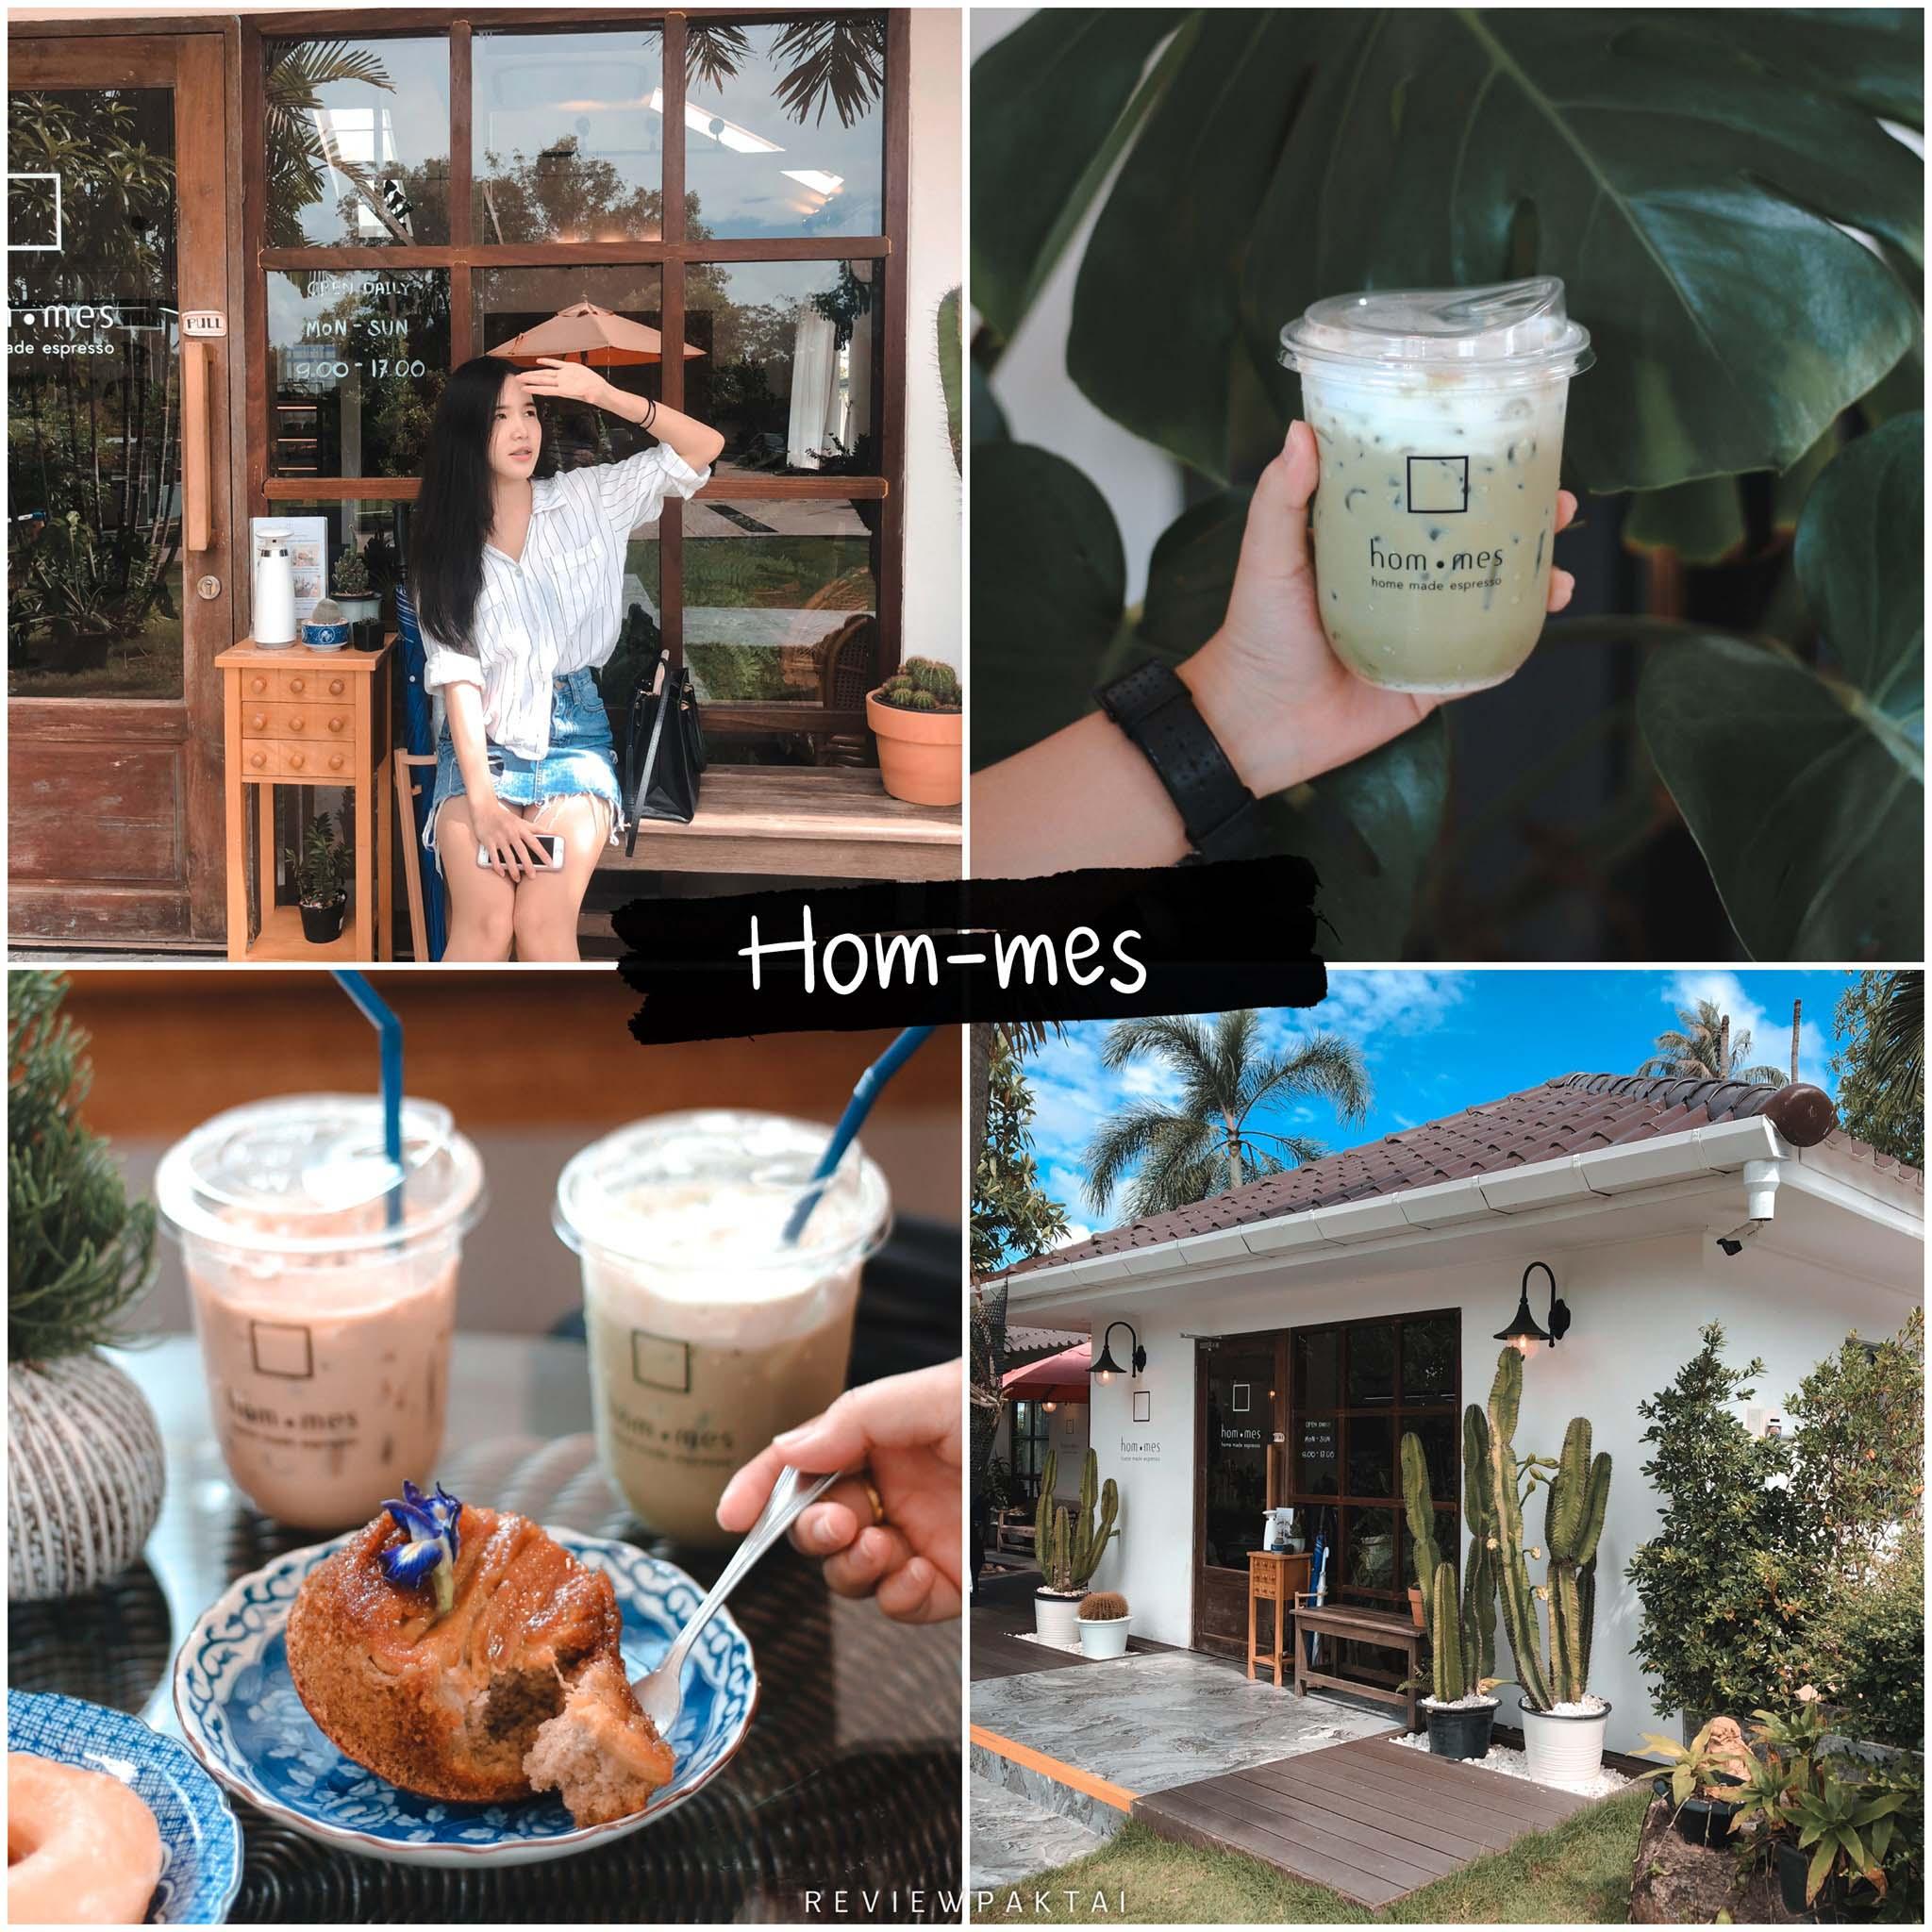 ร้านลับแต่ไม่ลับในภูเก็ต-hommes--hommes--home-made-espresso-by-good-cafe-เค้กอร่อย-กาแฟดี-ราคาไม่แพงพลาดไม่ได้แล้ว คลิกที่นี่ ภูเก็ต,คาเฟ่,ที่เที่ยว,ร้านกาแฟ,เด็ด,อร่อย,ต้องลอง